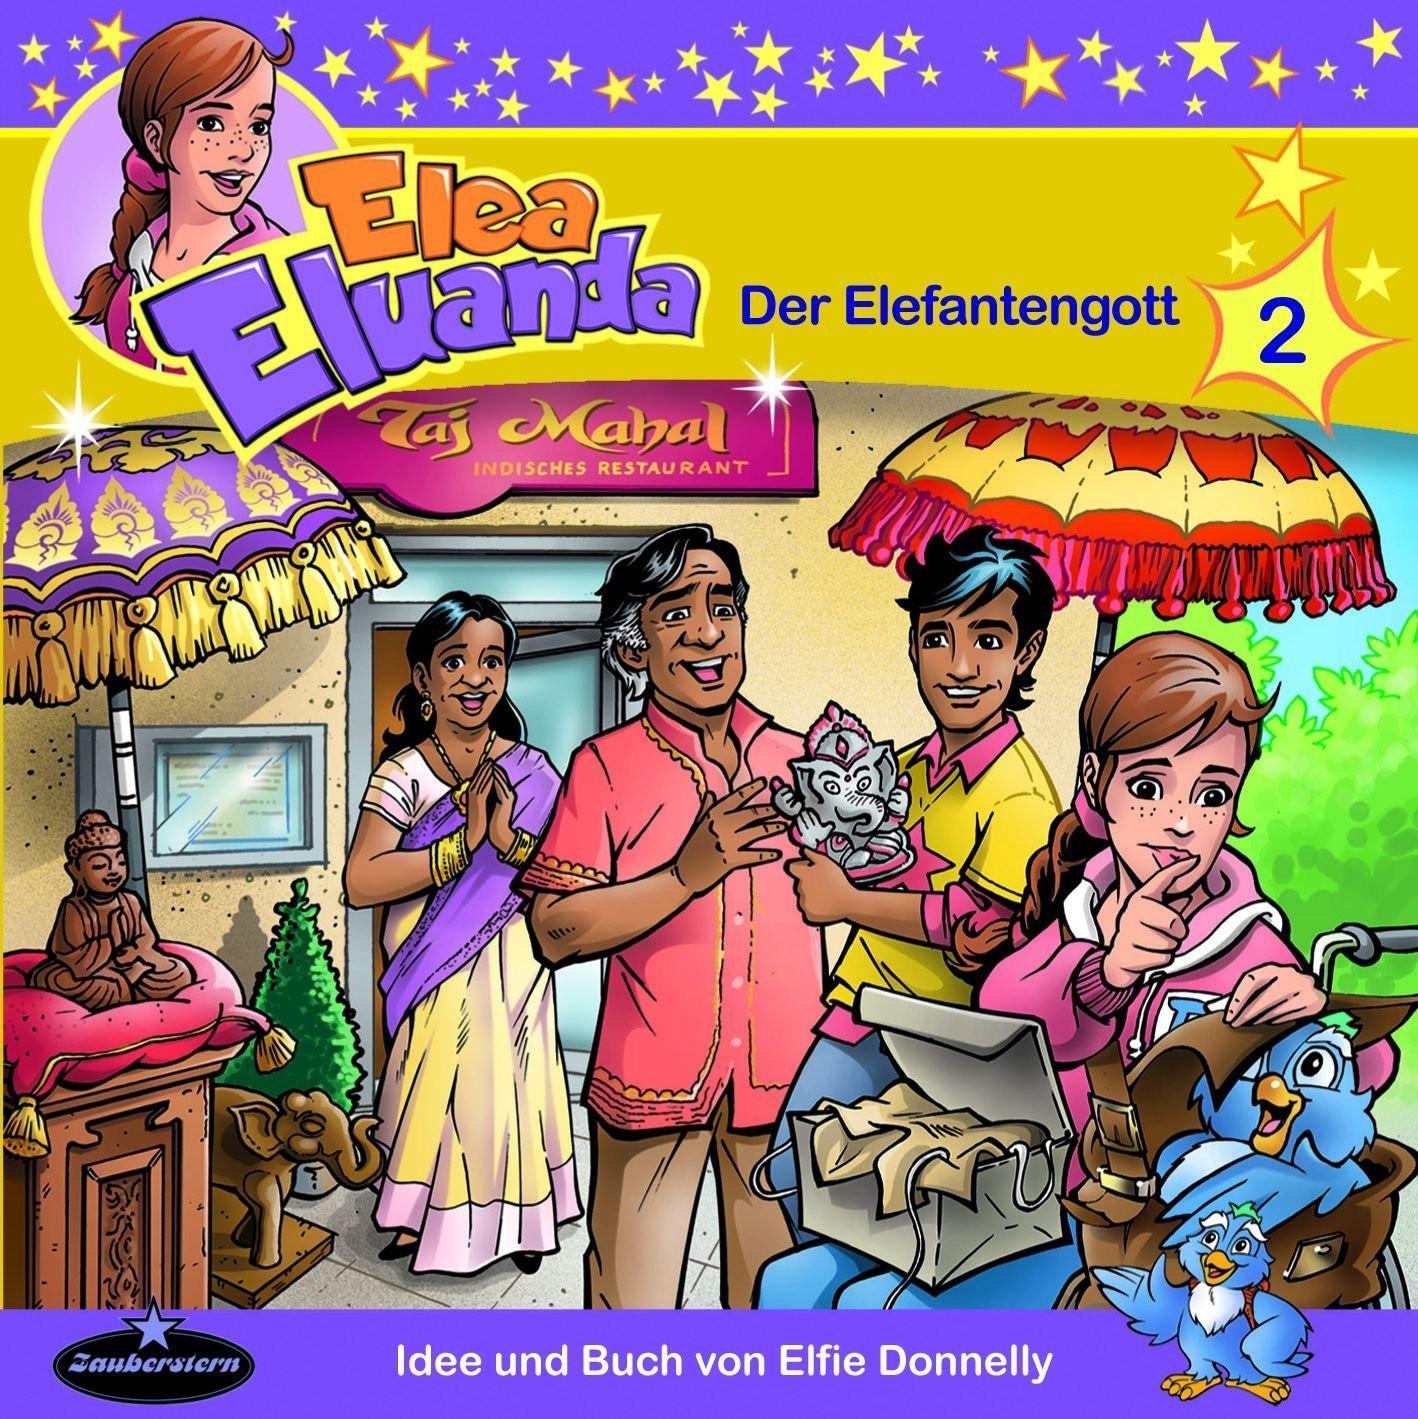 Elea Eluanda - Folge 2: Der Elefantengott